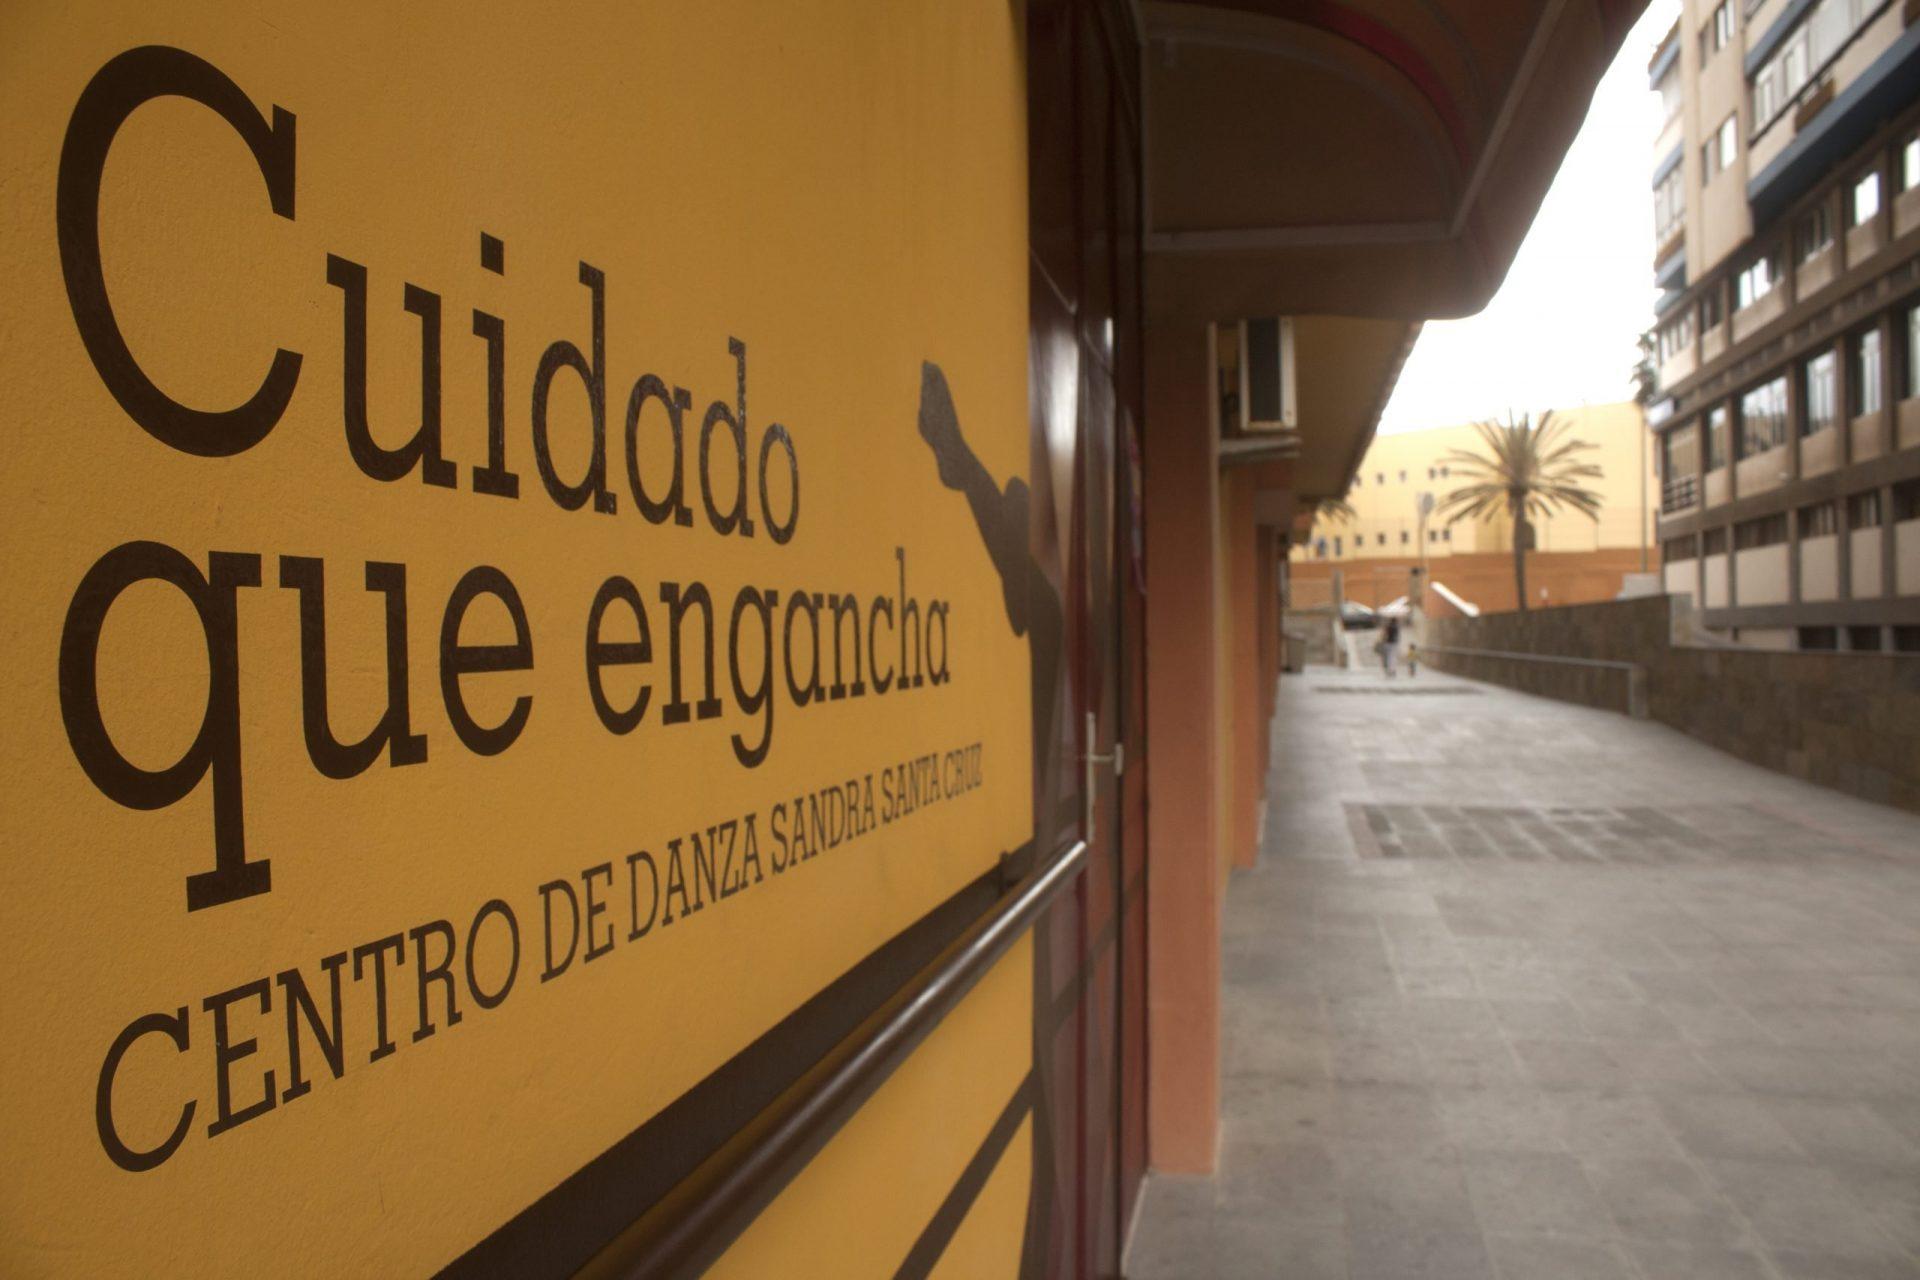 Foto de la entrada del Centro de Danza Sandra Santa Cruz donde se aprecia la barra que está puesta en su fachada y unos bailarines pintados que bailan entre la fachada y la puerta y tiene escrito debajo de Centro de Danza Sandra Santa Cruz, la frase: